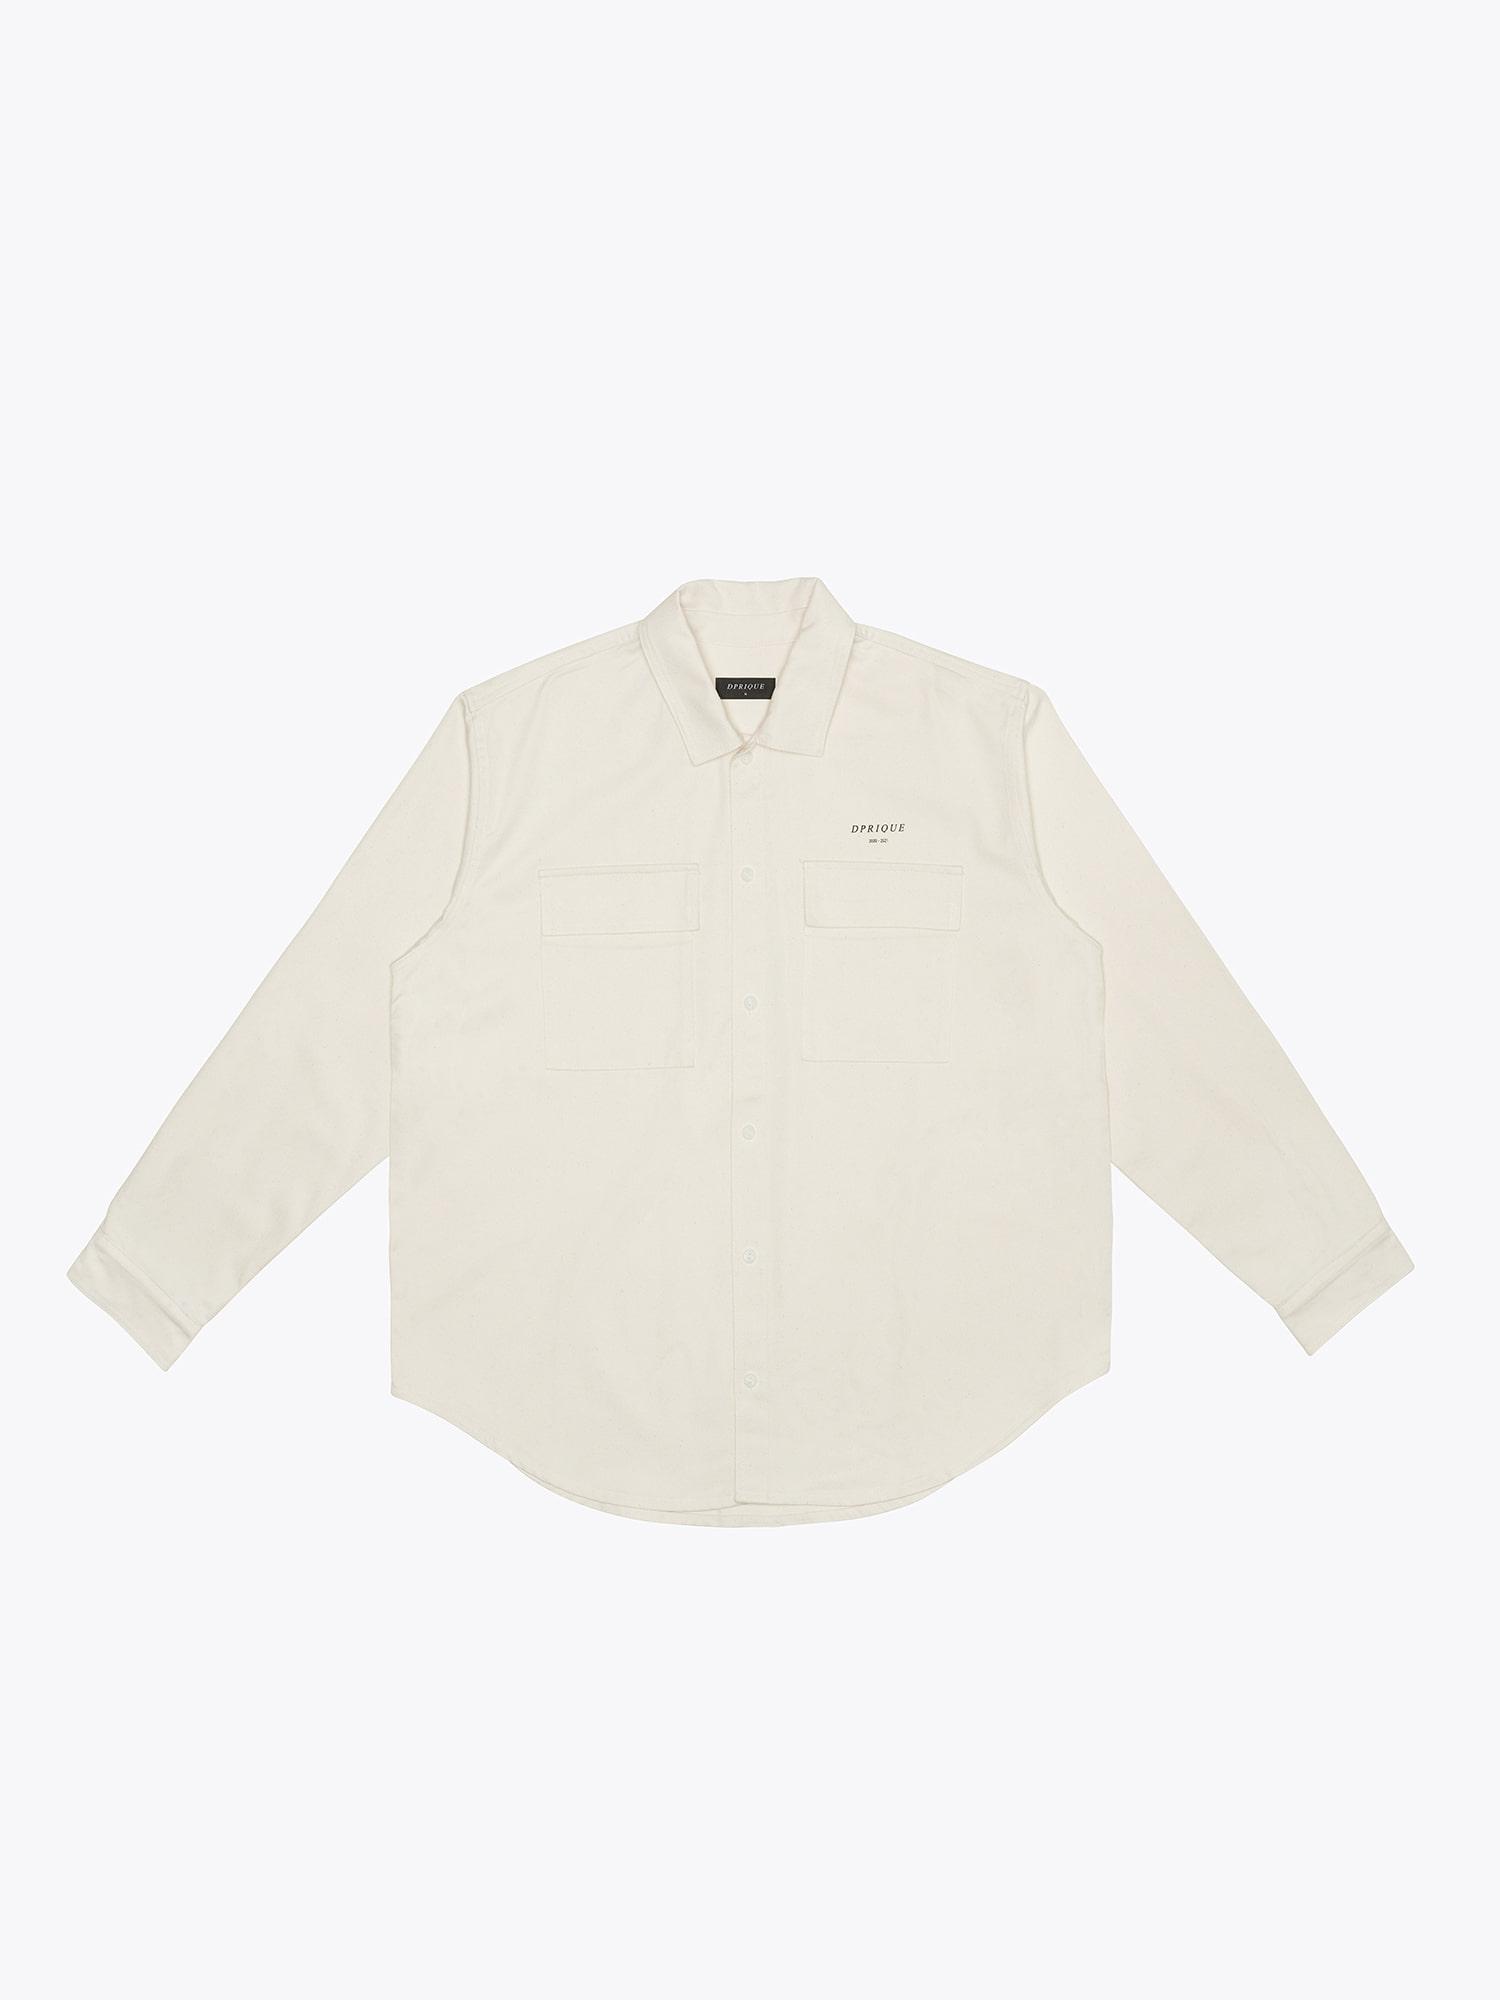 Oversized Shirt - Ivory